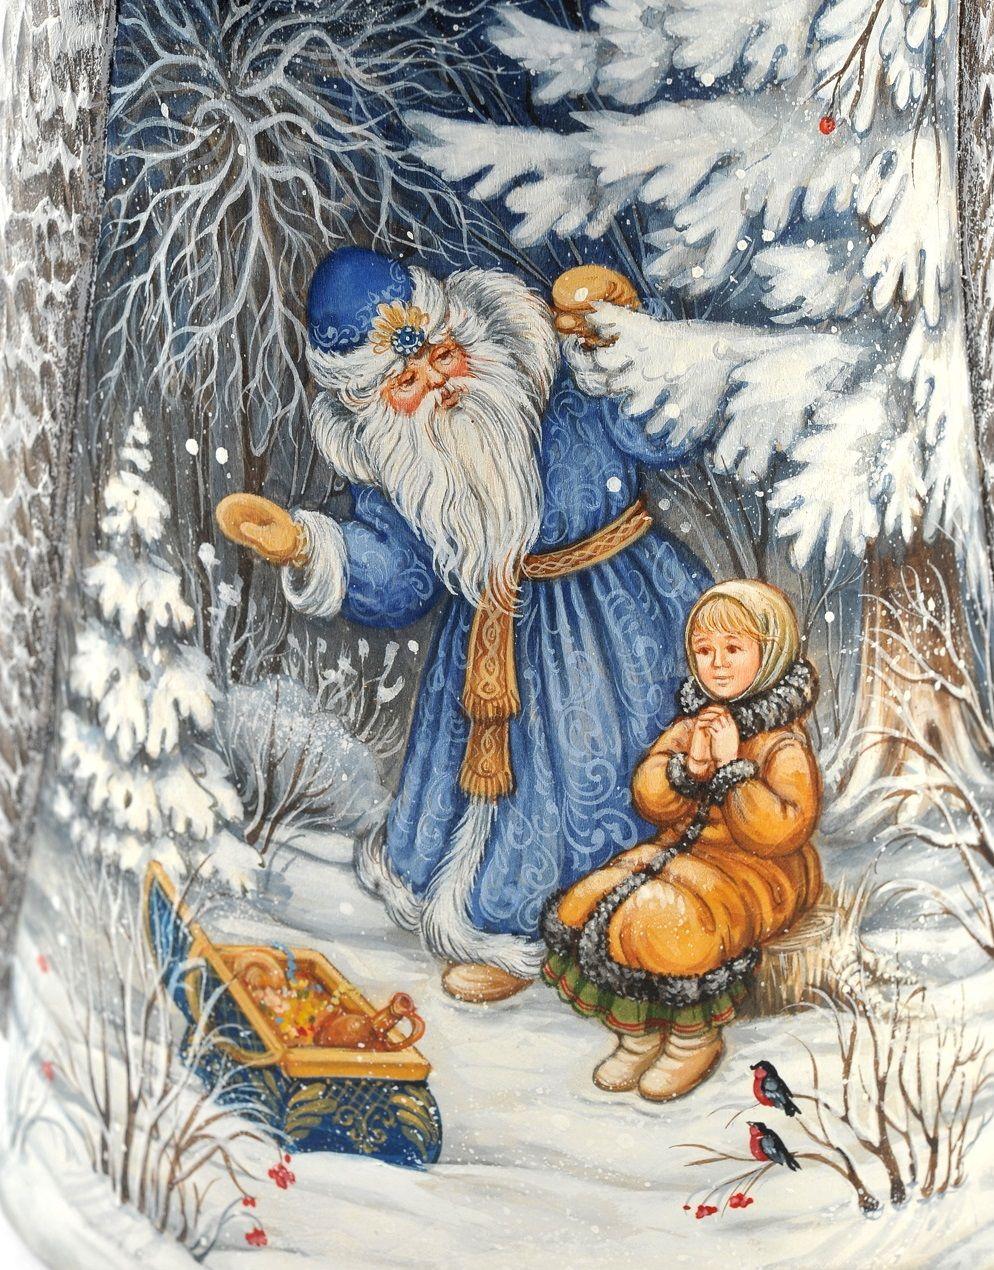 Картинки русских сказок зимних